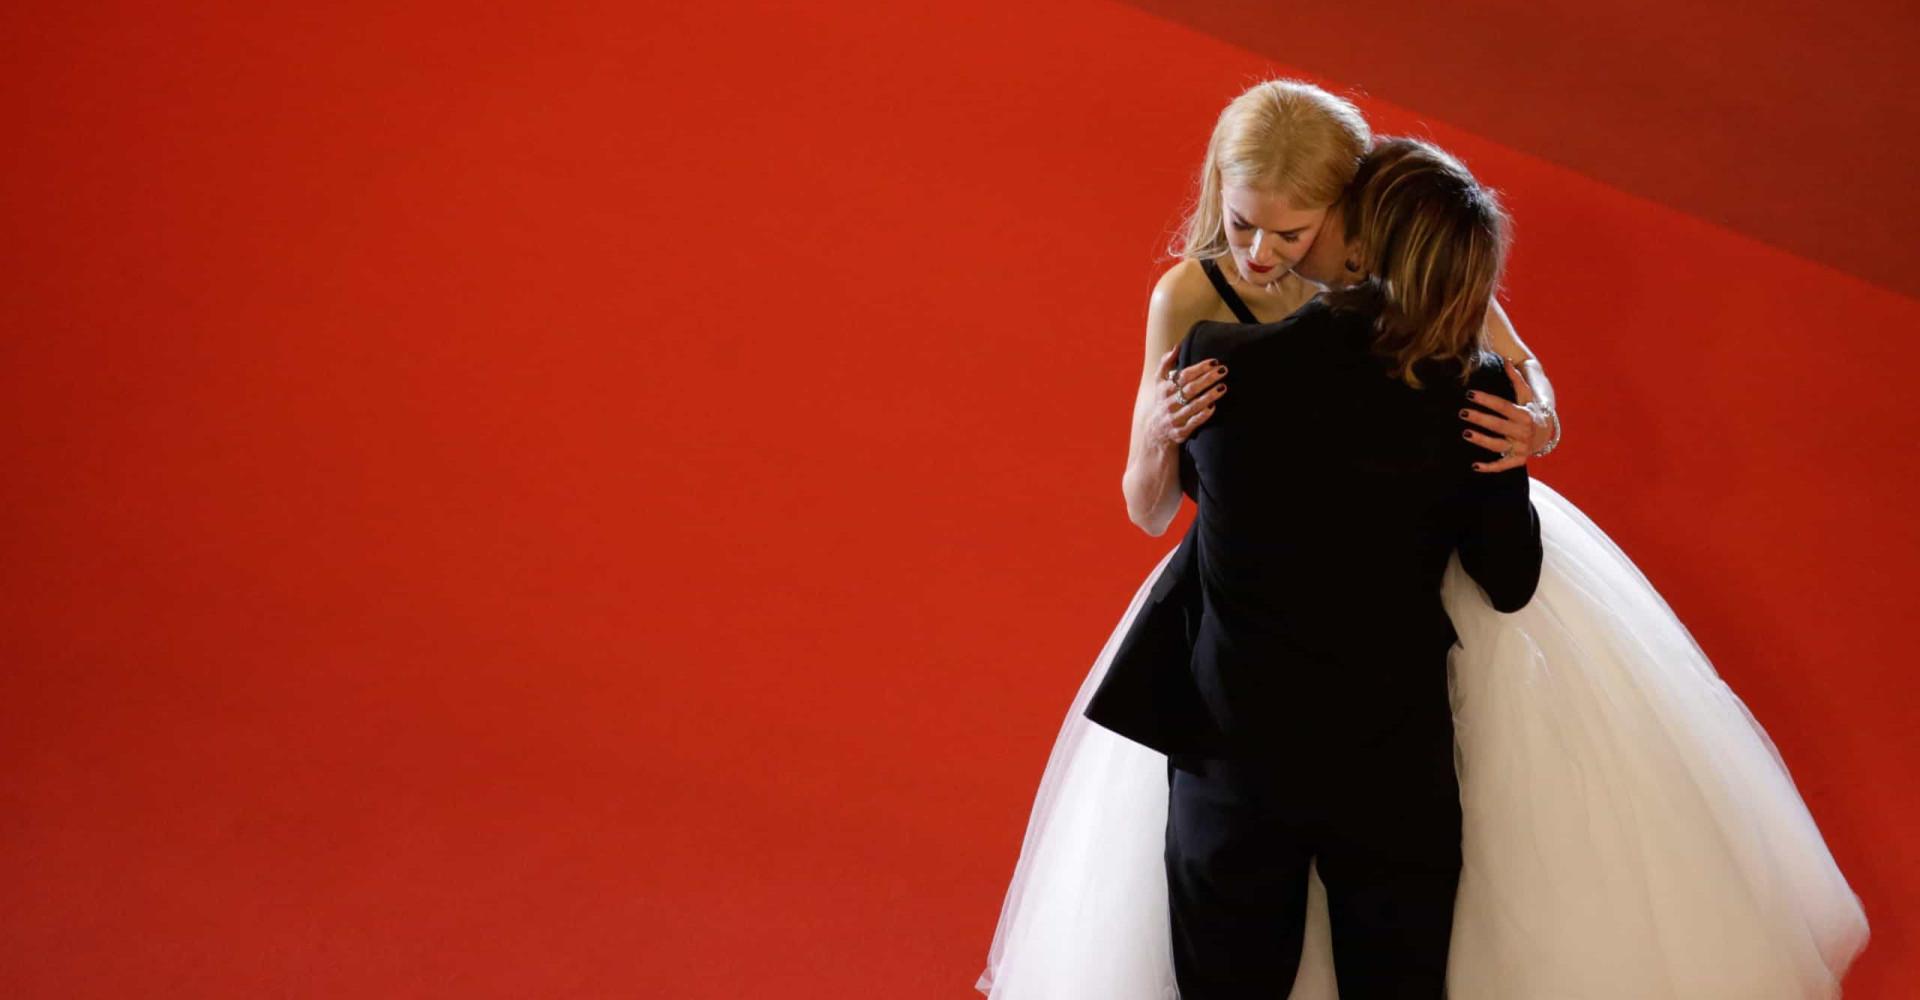 As músicas escolhidas pelos casais famosos para a primeira dança